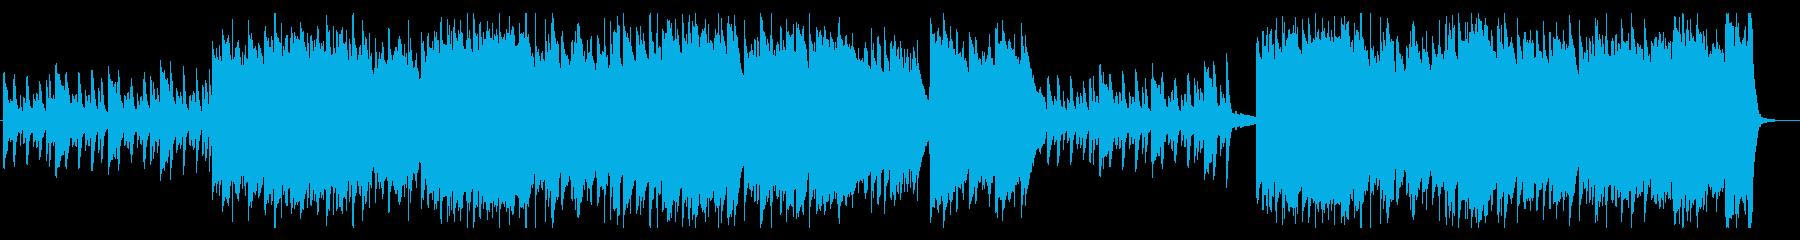 企業/OP/ED!疾走感!ピアノロックBの再生済みの波形